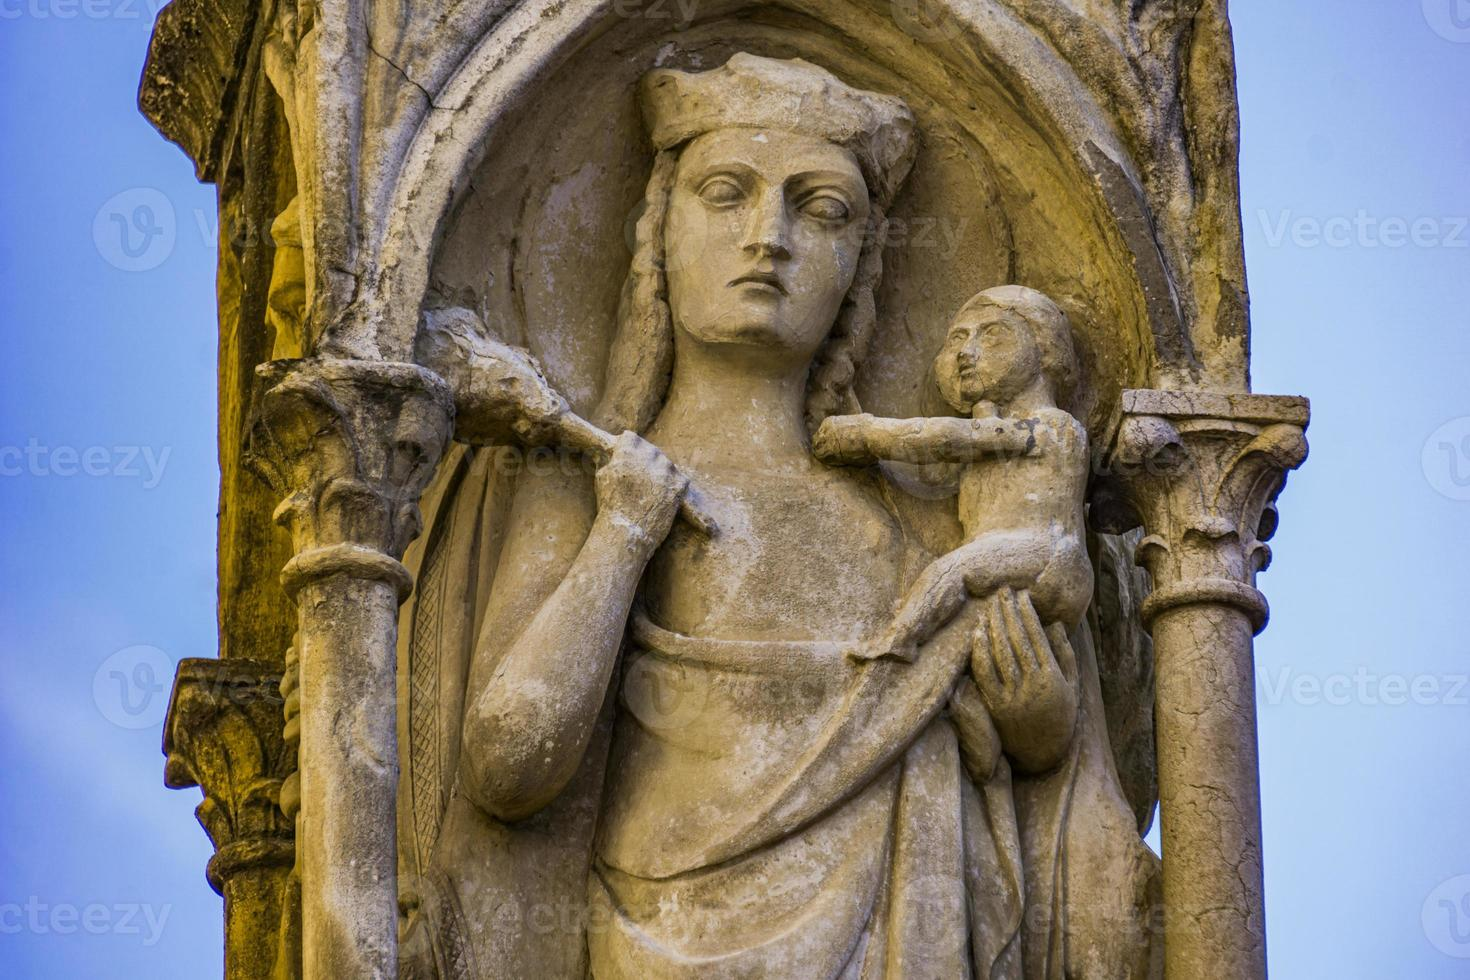 jungfru mary med baby jesus staty på piazza behå i verona, italien foto